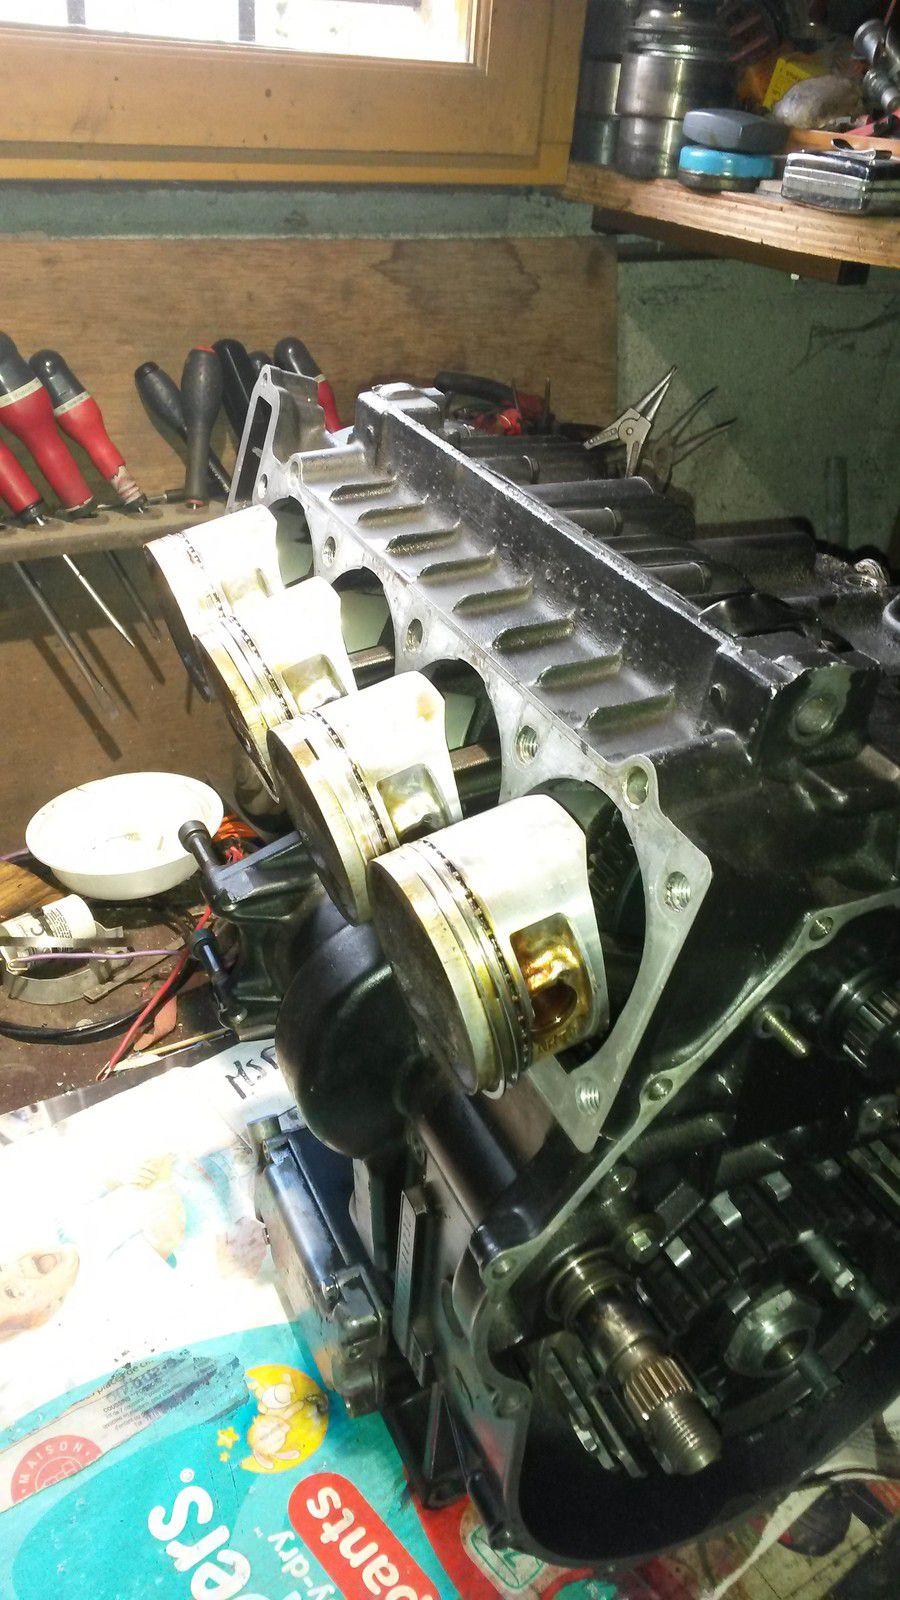 remontage d'un moteur GTR avec deux